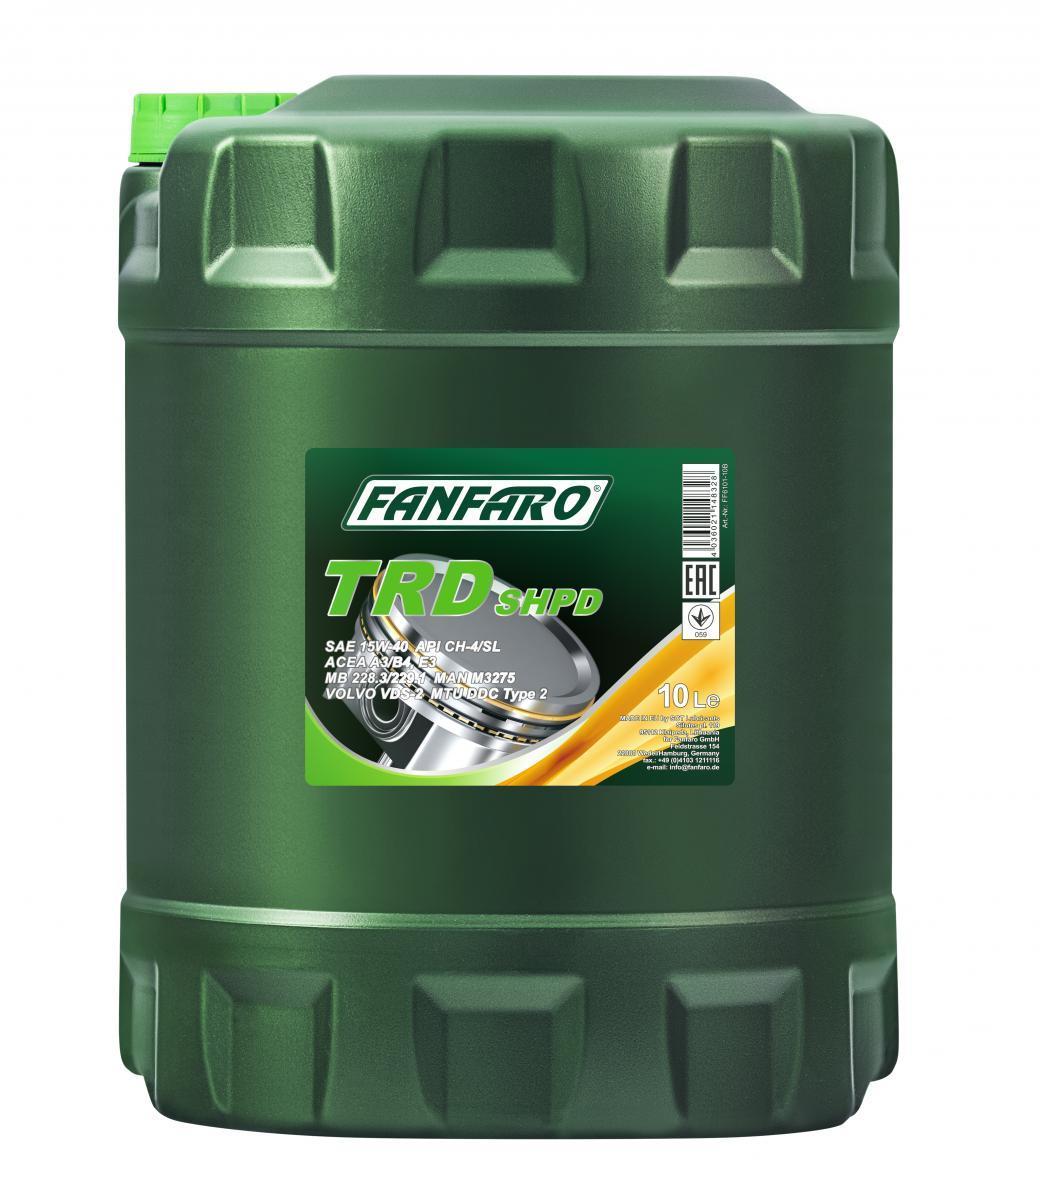 FF6101-10 FANFARO SHPD, TRD 15W-40, 10l, Mineralöl Motoröl FF6101-10 günstig kaufen